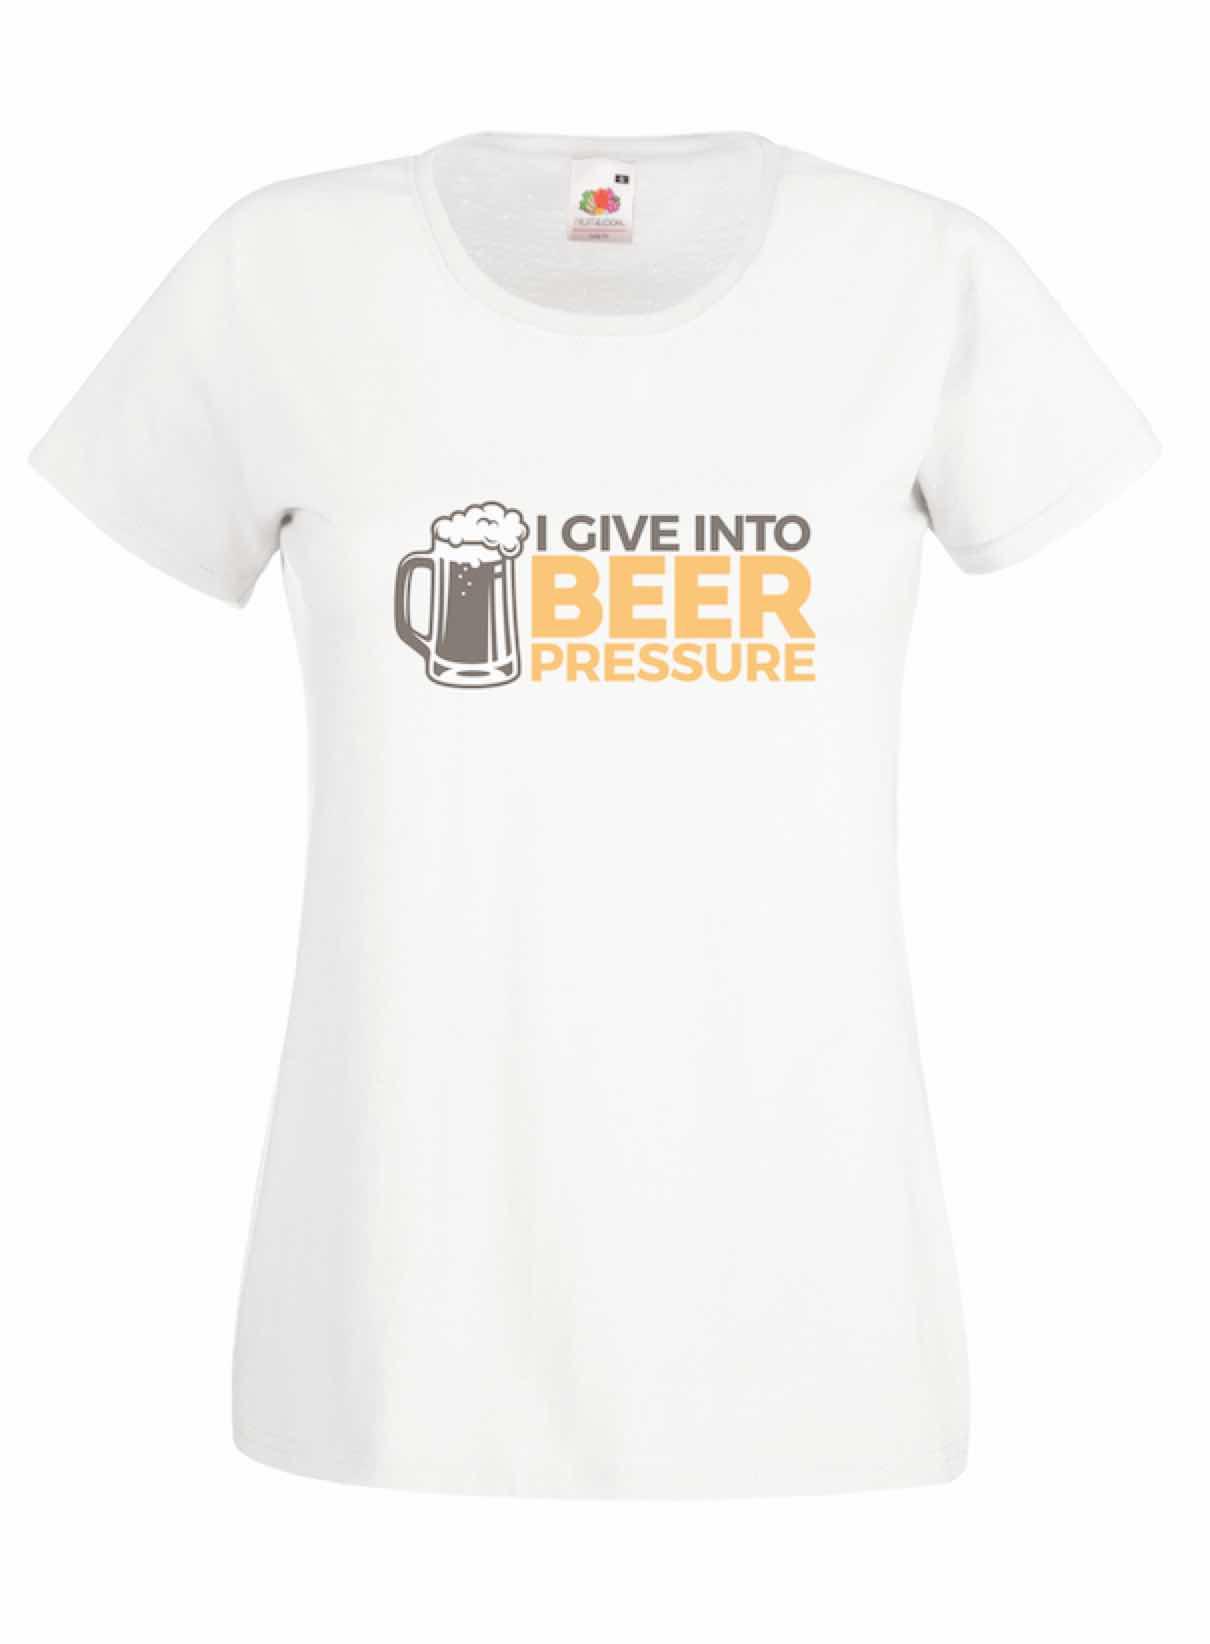 Beer Pressure design for t-shirt, hoodie & sweatshirt